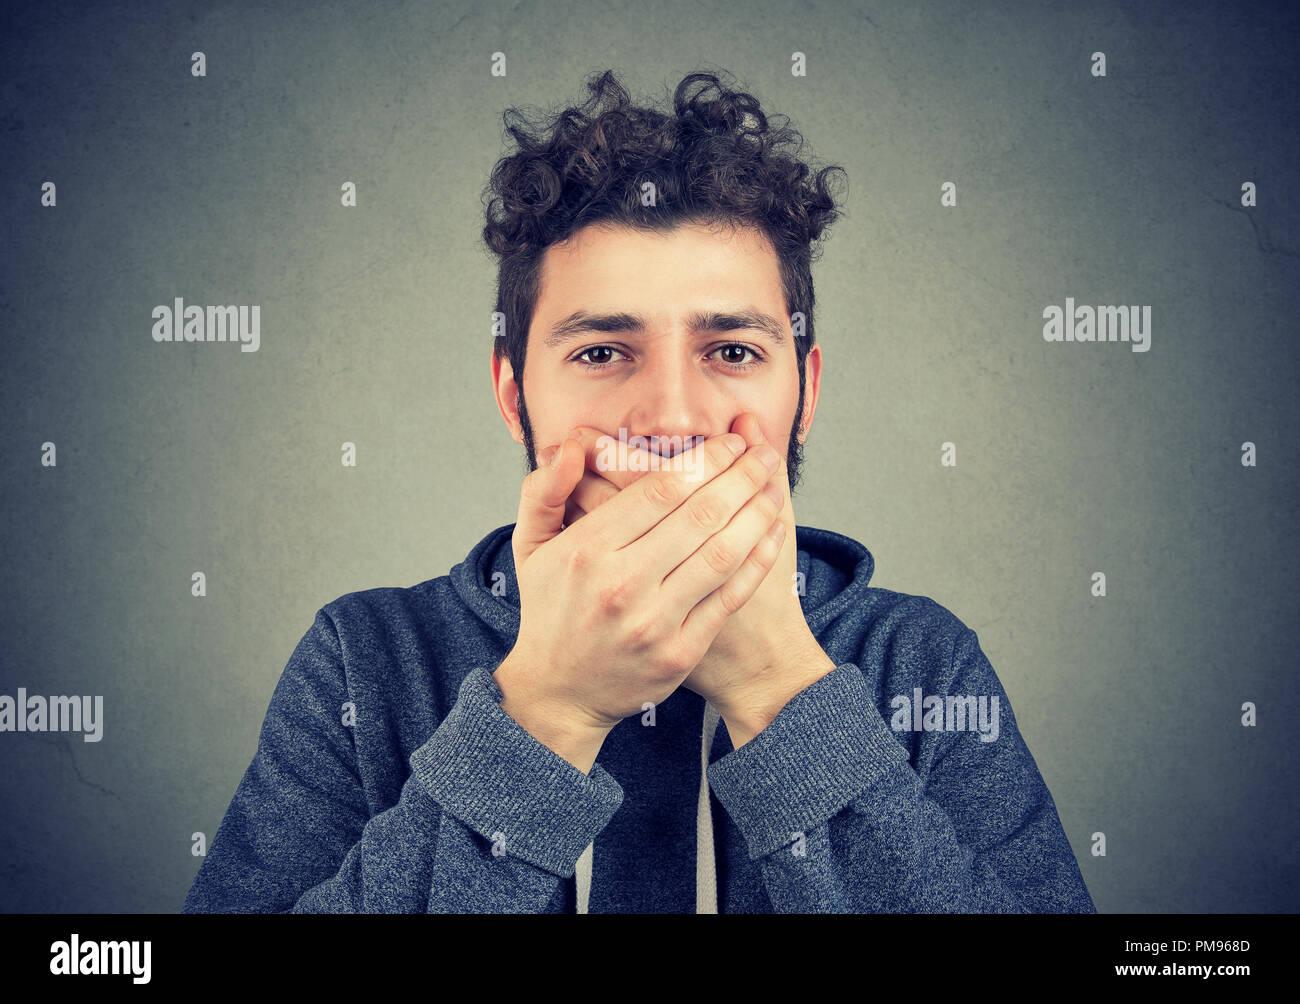 Young hipster hombre cubriendo la boca manteniendo la privacidad y no hablar mal Imagen De Stock